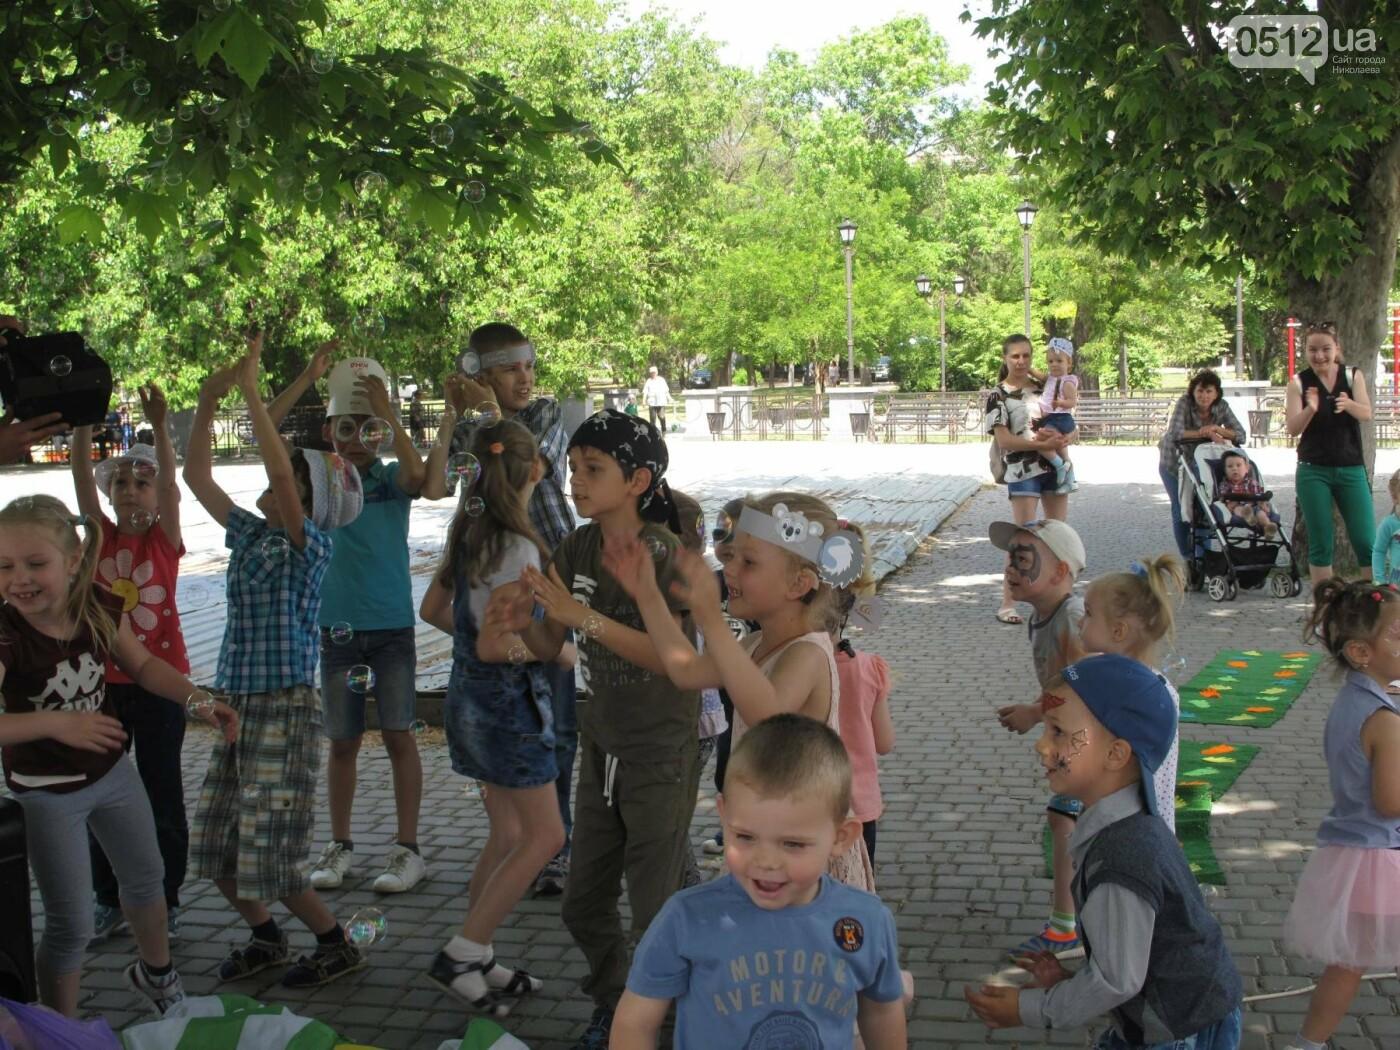 В Сердце города организовали развлекательную программу для детей с нарушением слуха., фото-10